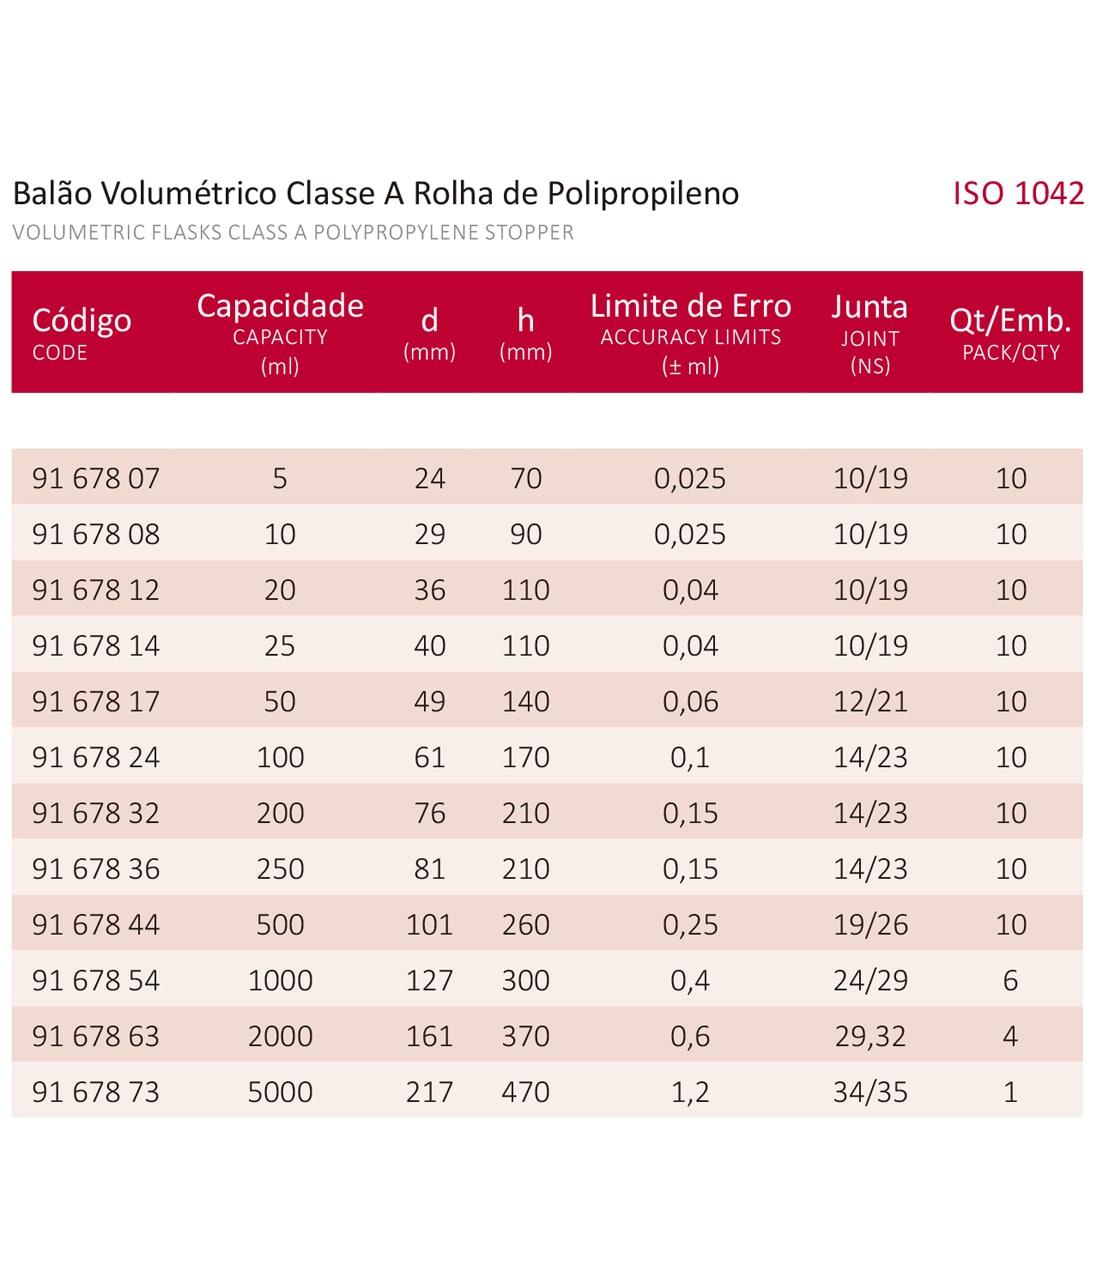 BALÃO VOLUMÉTRICO CLASSE A ROLHA POLI C/ CERTIFICADO RASTREÁVEL 2000 ML - Marca Laborglas - Cód. 9167863-C